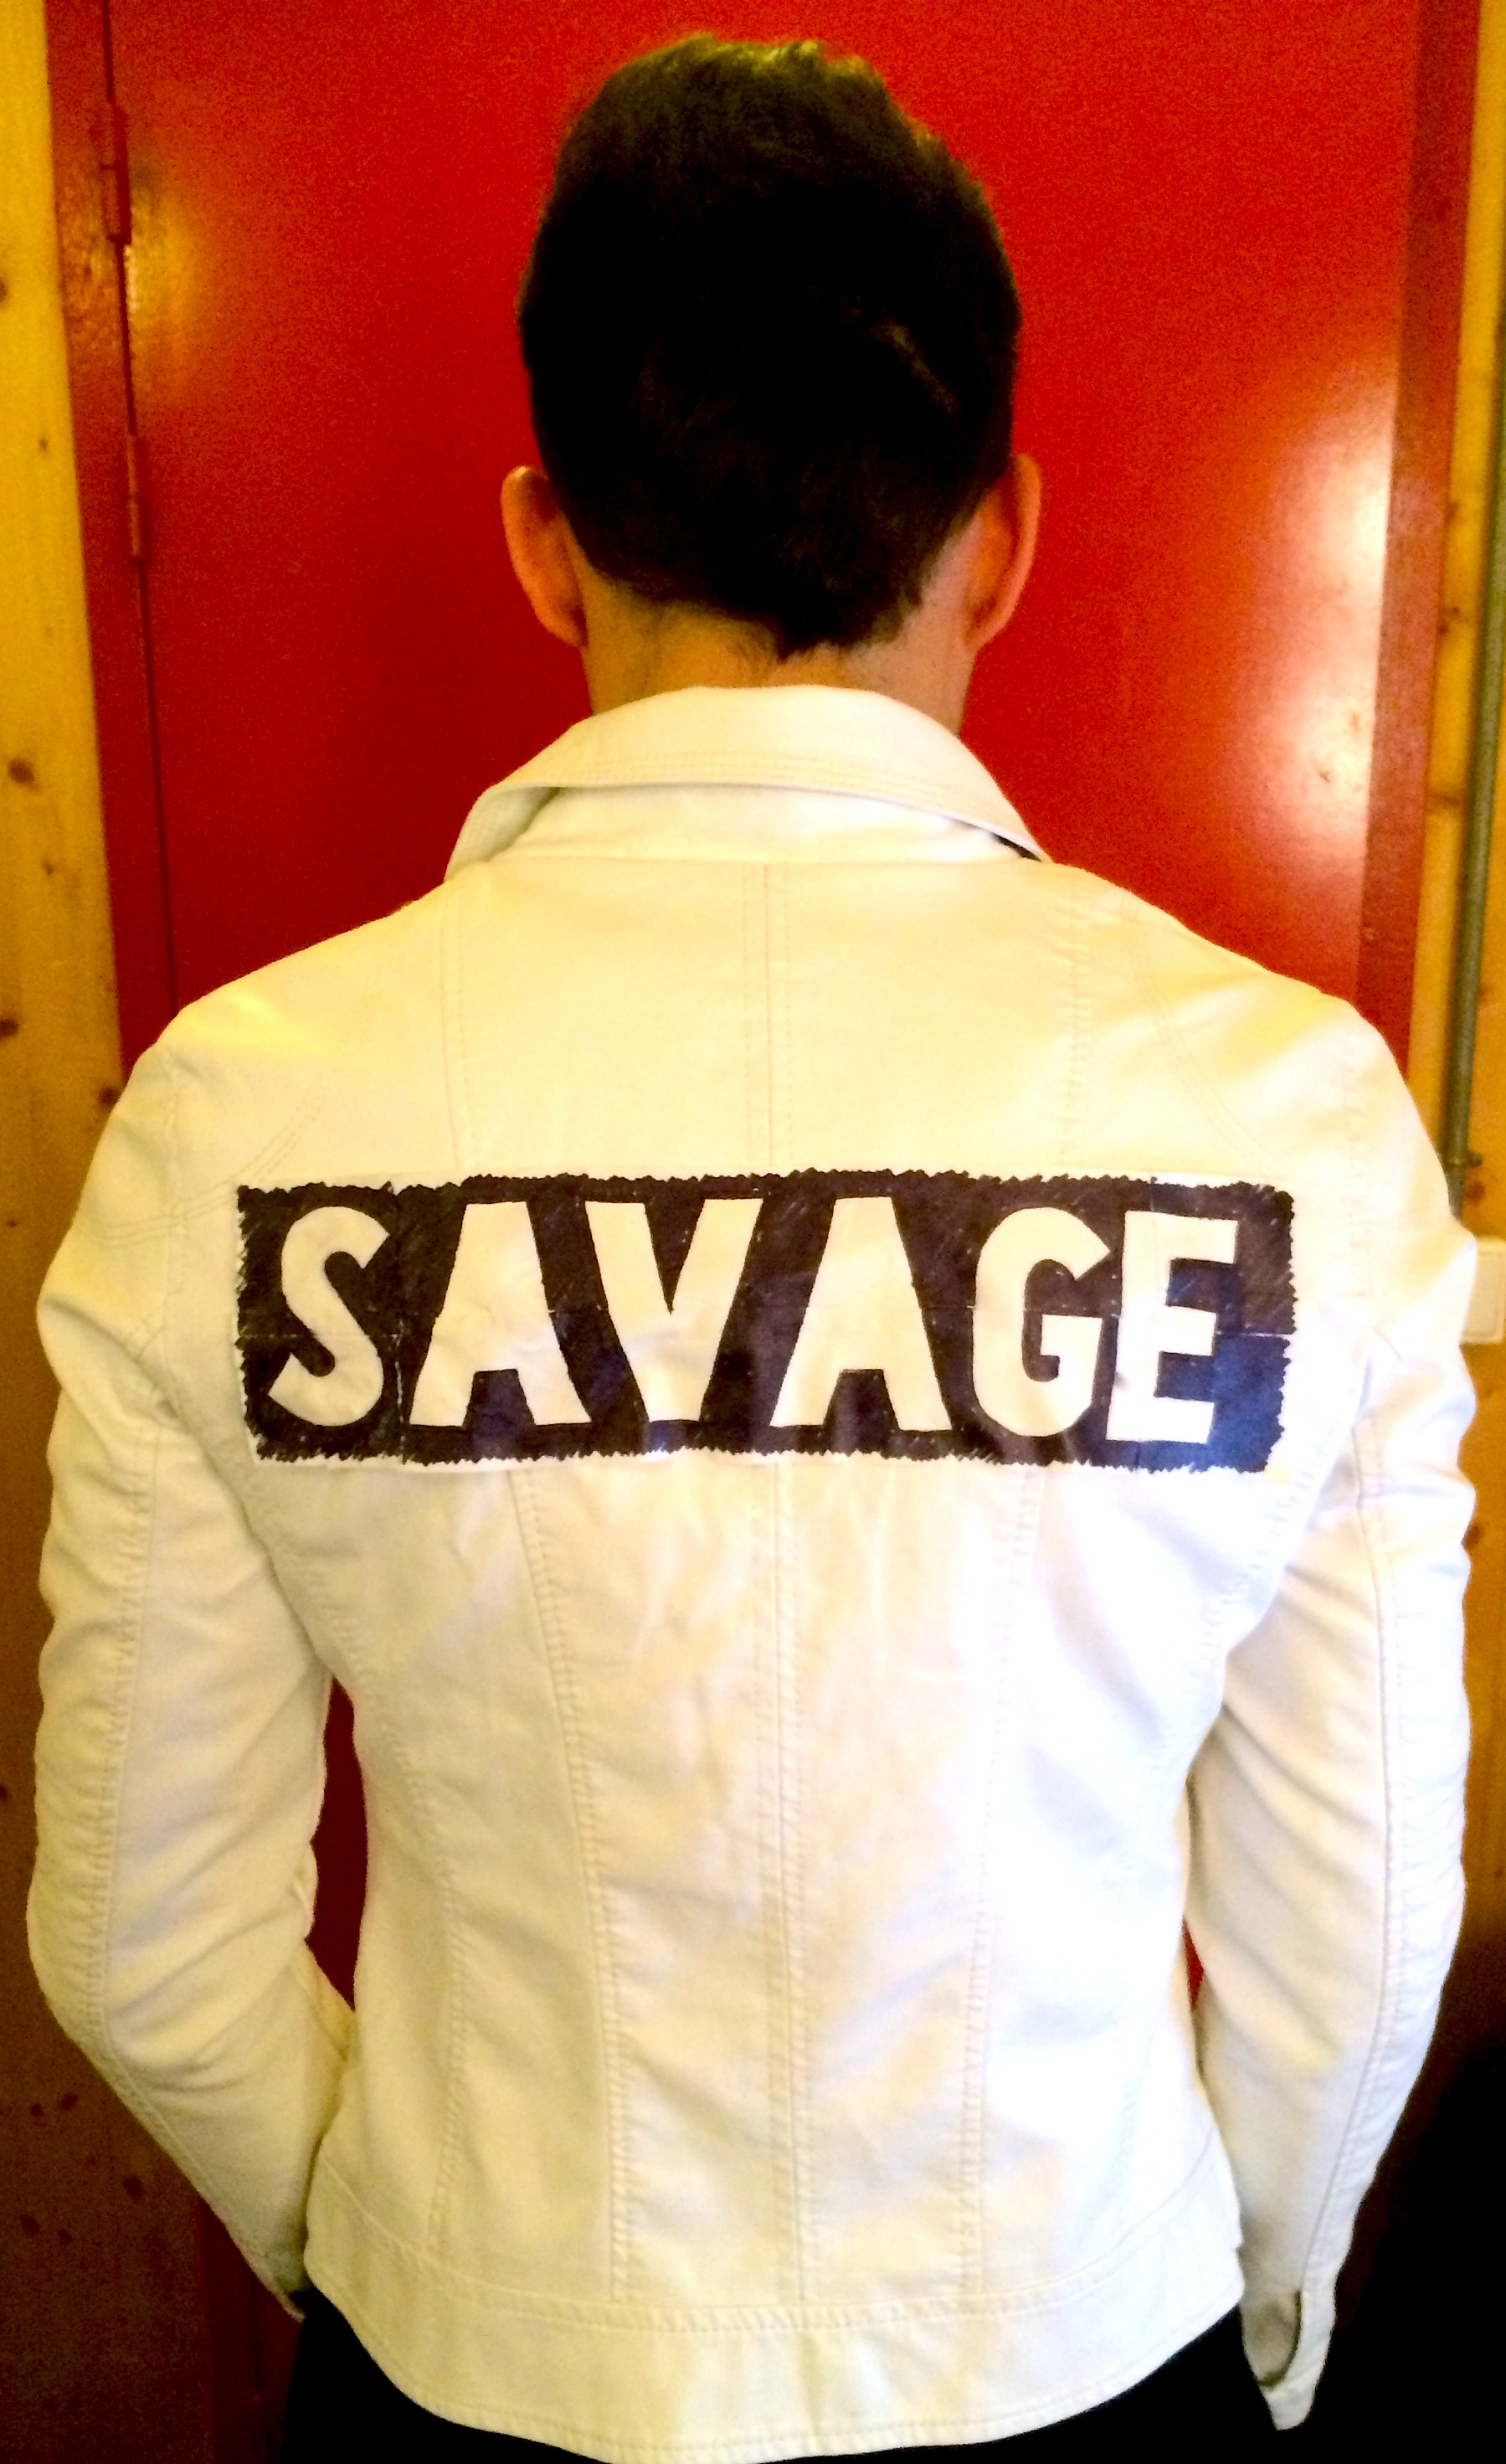 SAVAGE JACKET.JPG